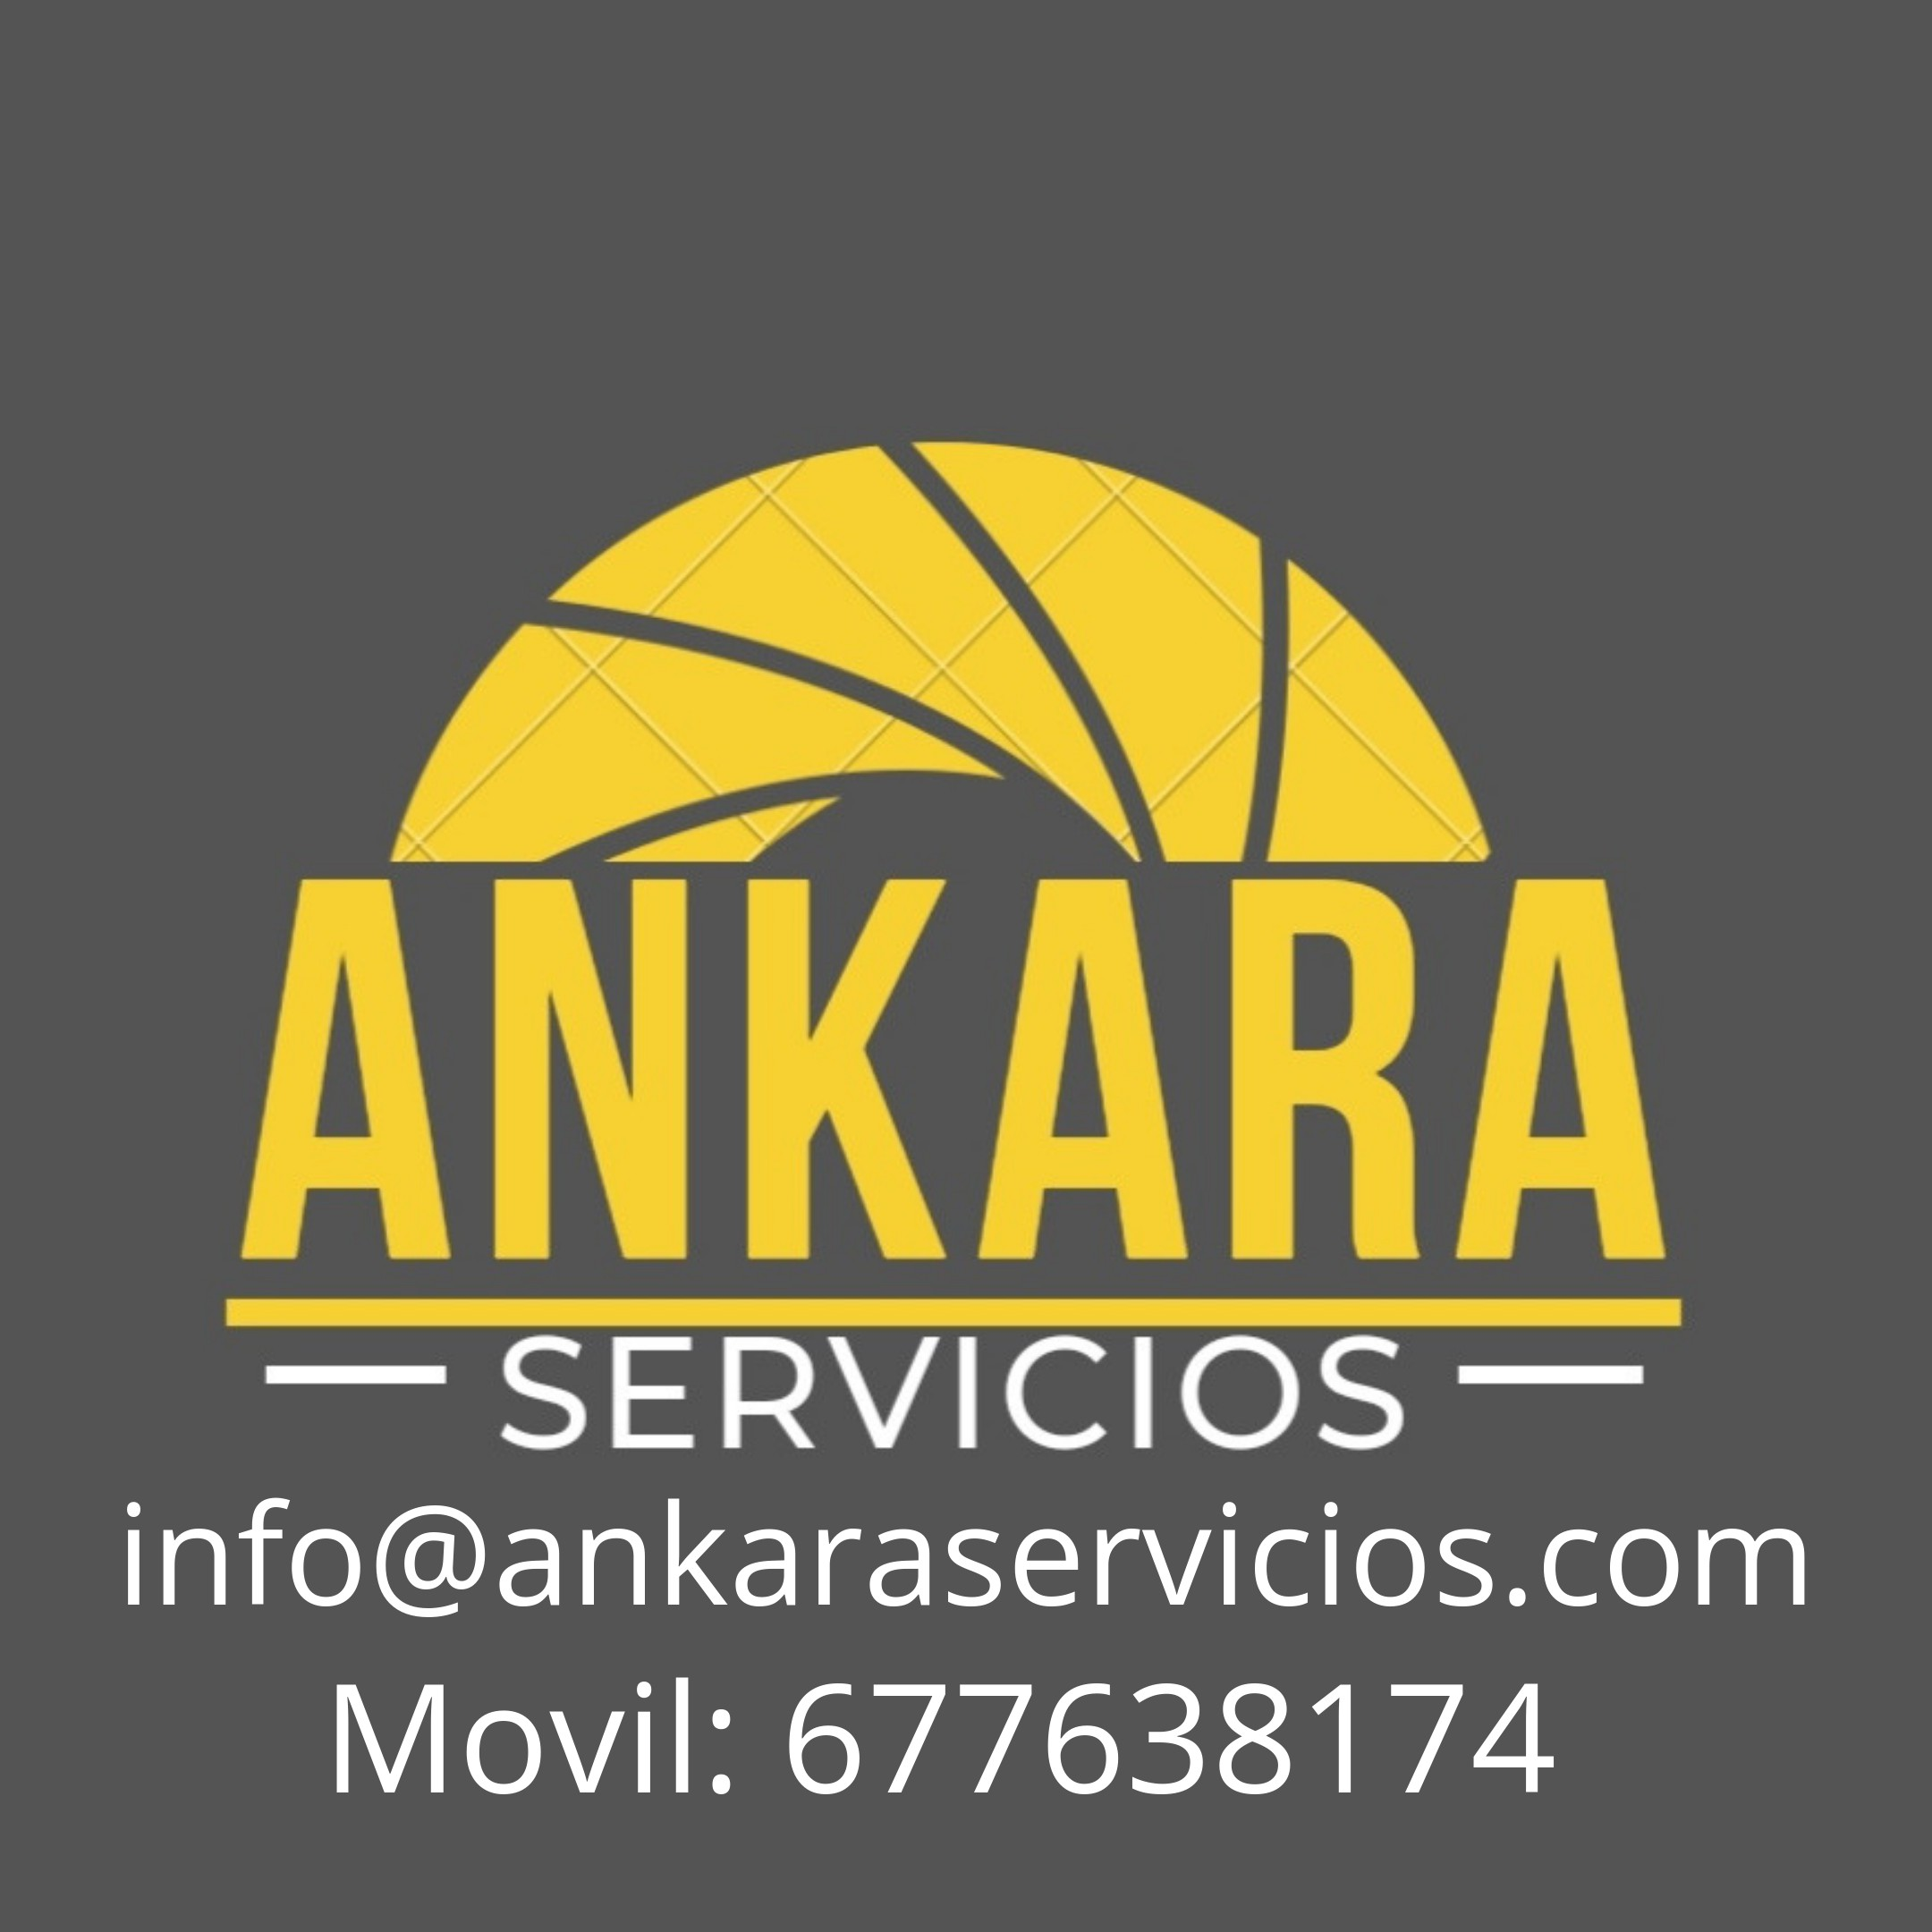 Ankara Servicios